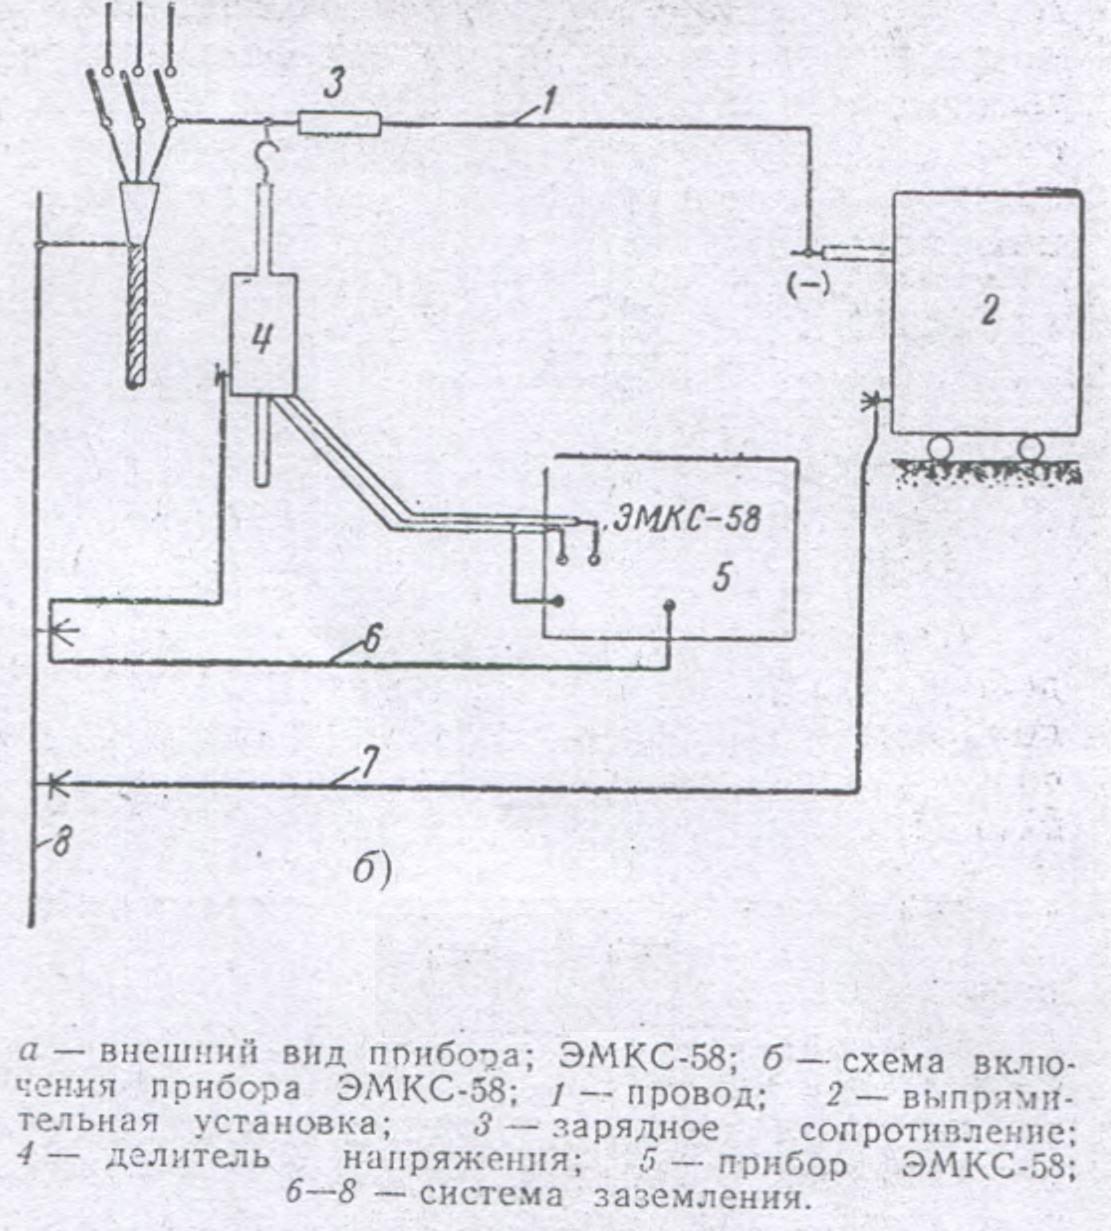 ЭМСК-58